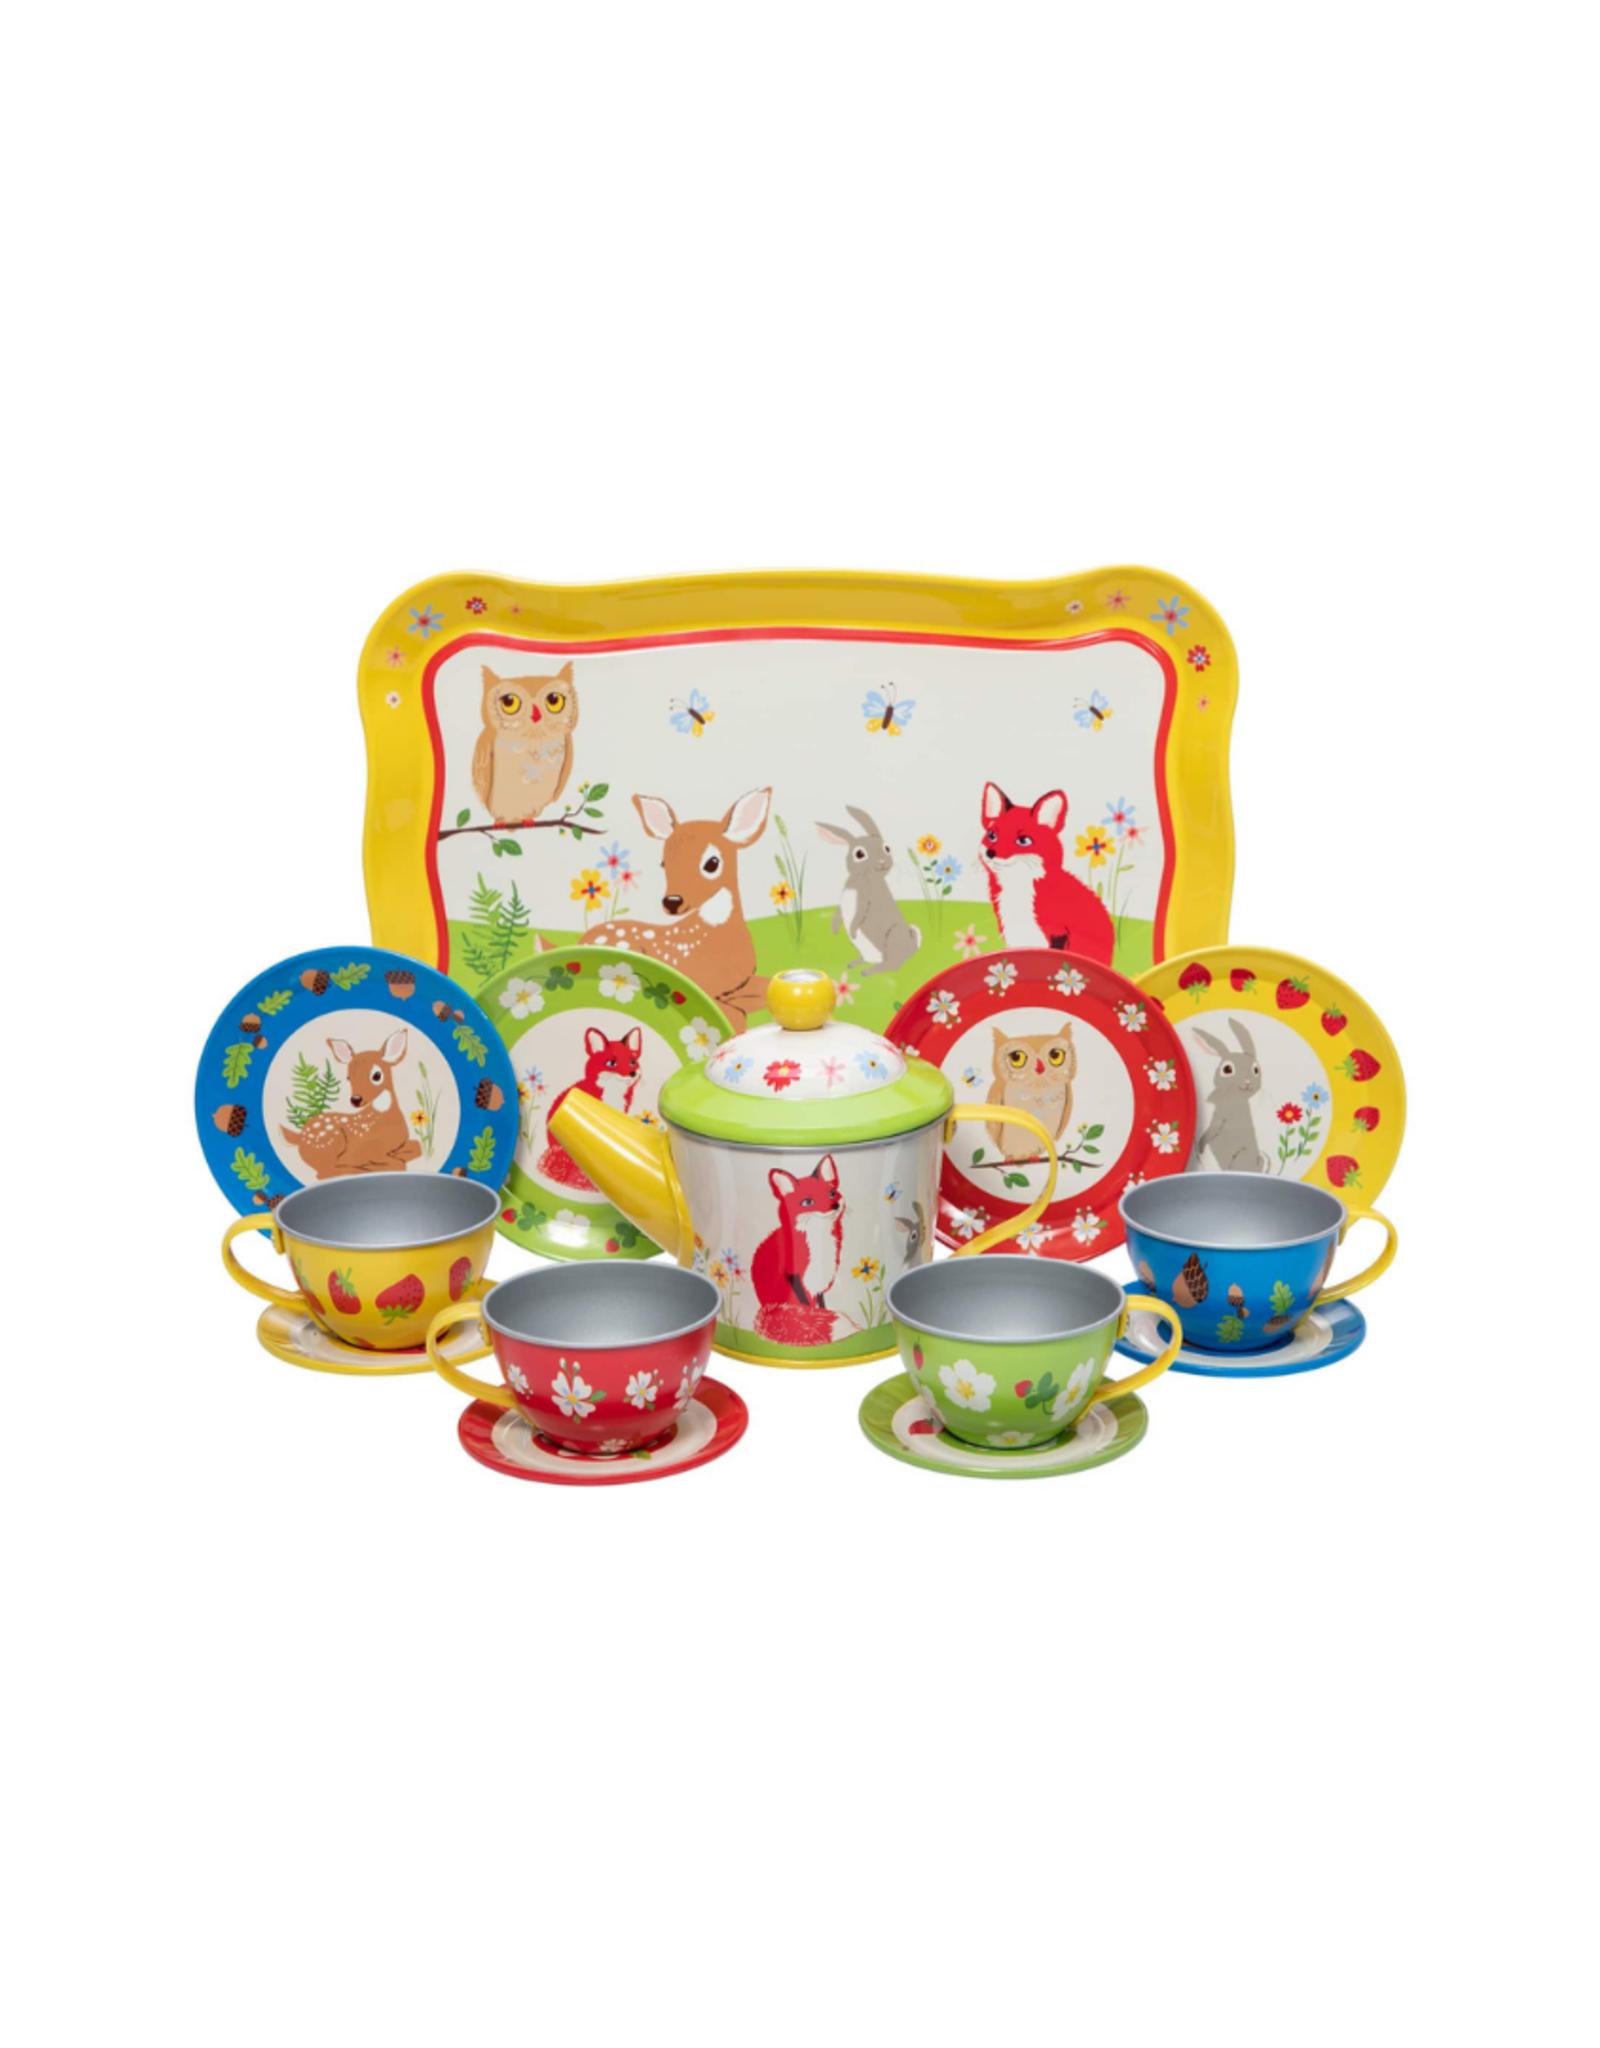 Schylling Tin Tea Set - Forest Friends